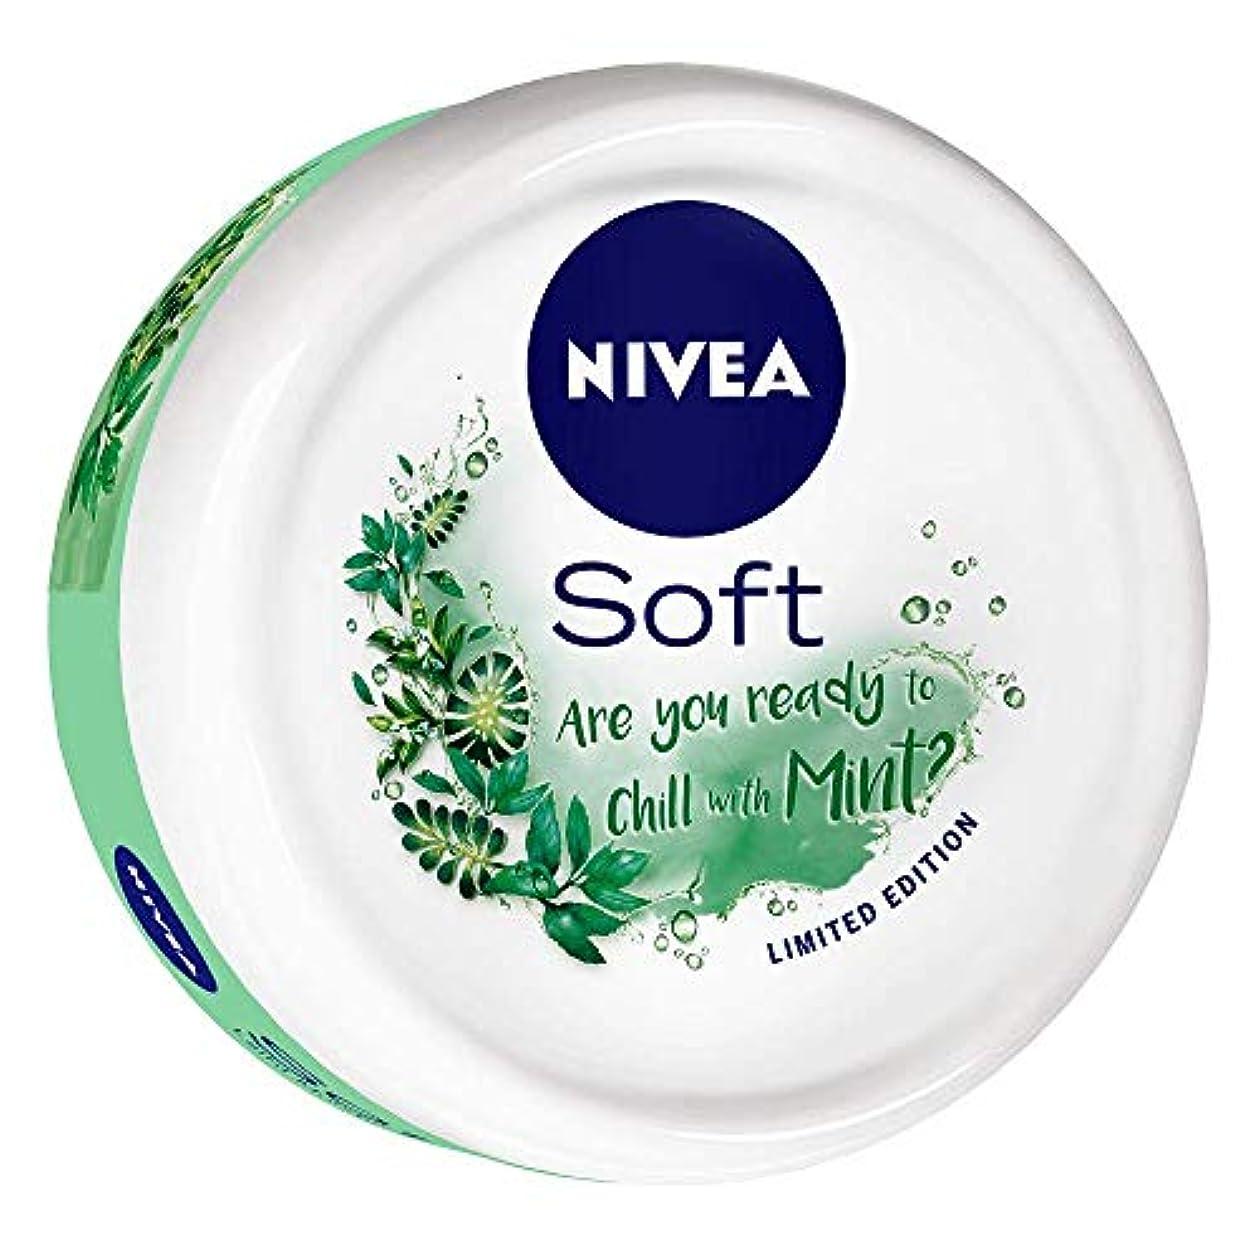 役職迫害放射するNIVEA Soft Light Moisturizer Chilled Mint With Vitamin E & Jojoba Oil, 50 ml